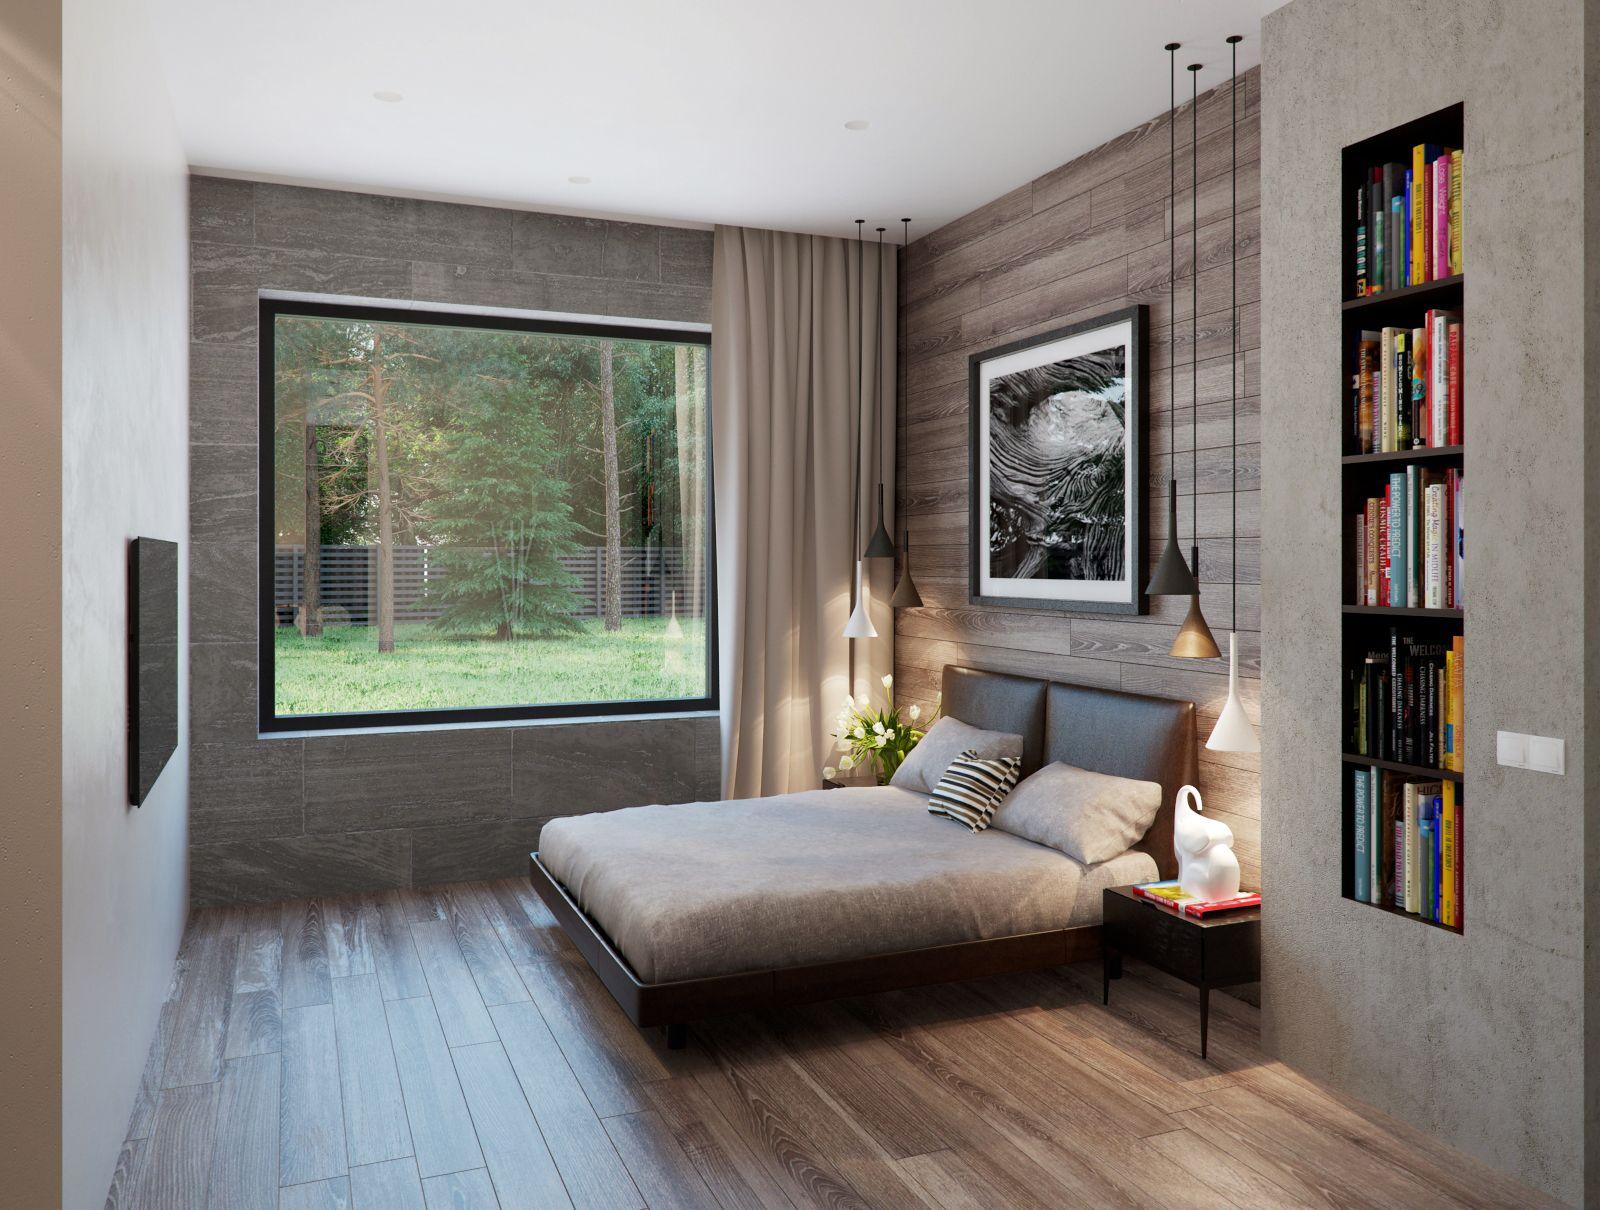 kleines schlafzimmer ideen schlafzimmer hausmodelle. Black Bedroom Furniture Sets. Home Design Ideas